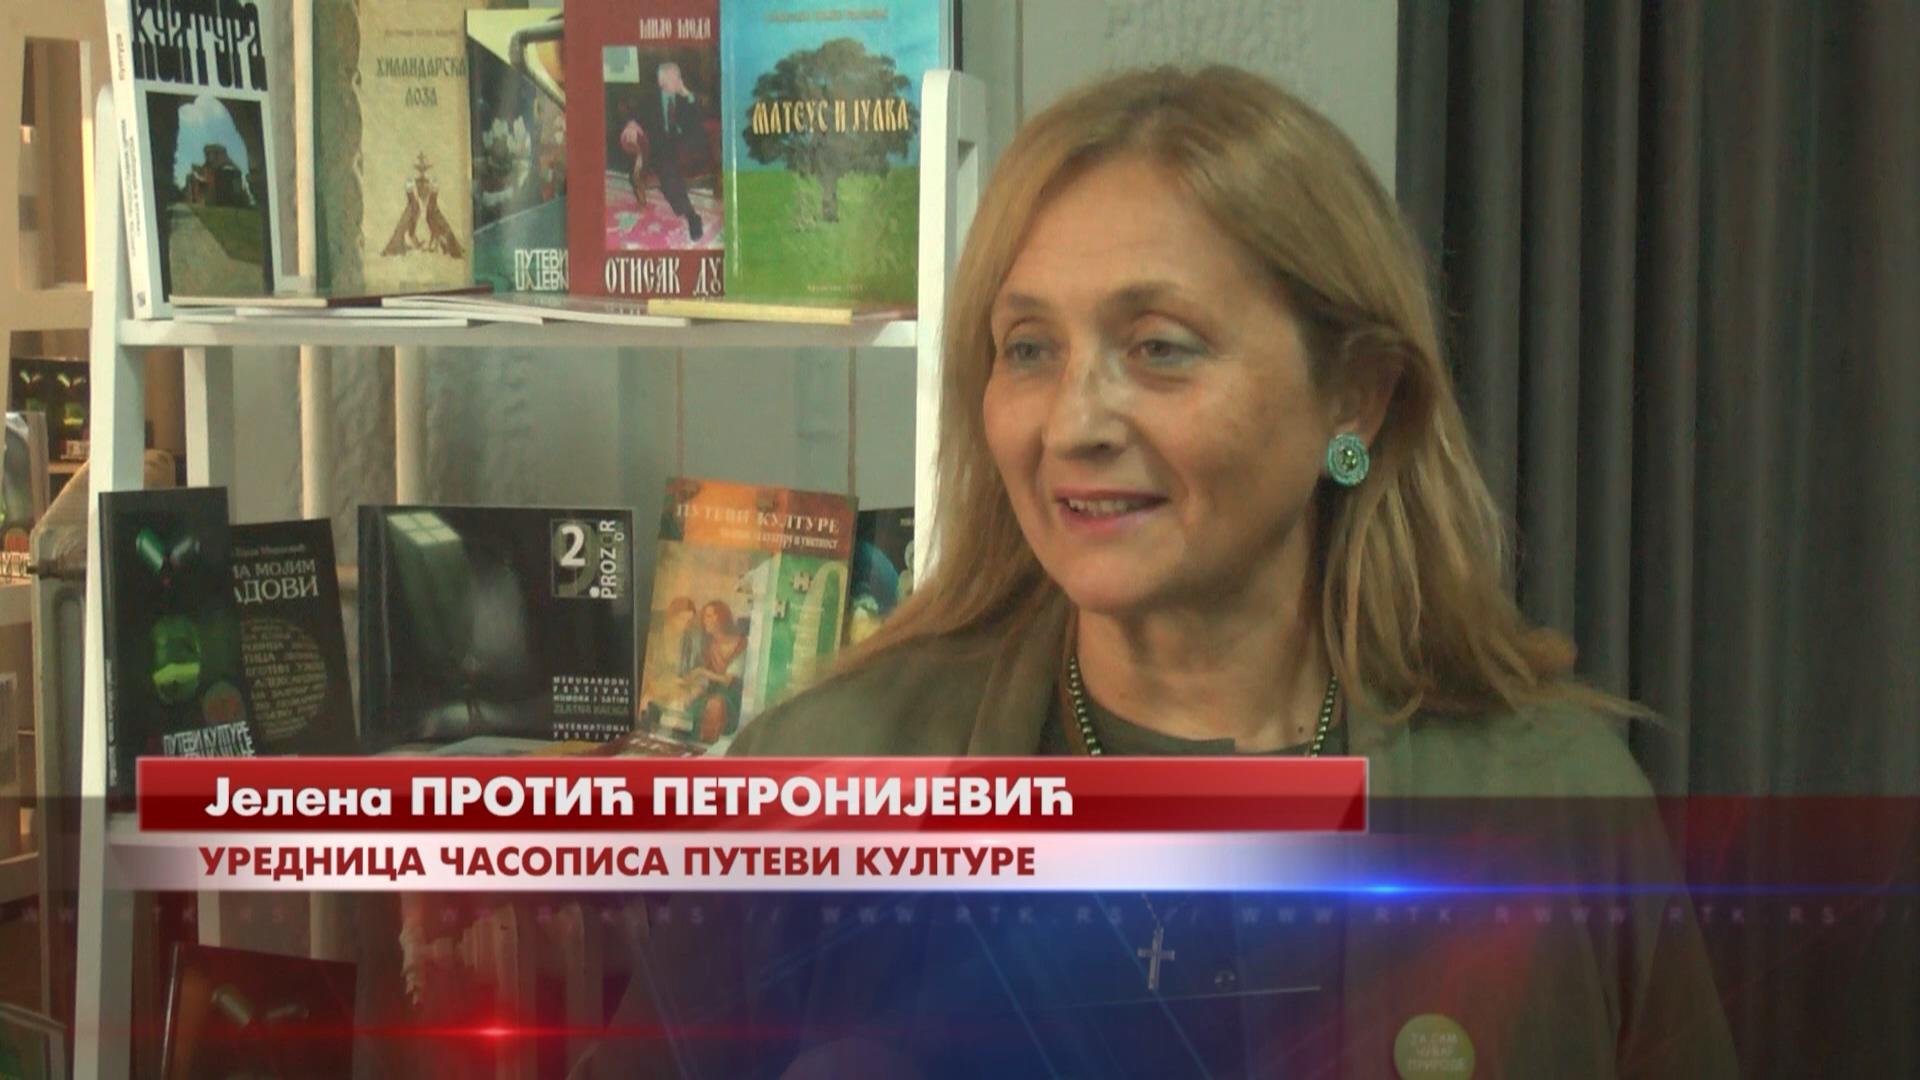 """U Kulturnom centru promovisan novi broj časopisa """"Putevi kulture"""""""